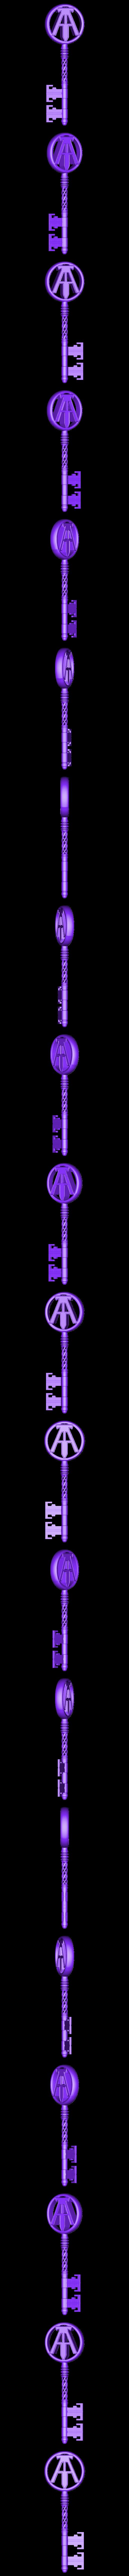 first-key.stl Télécharger fichier STL gratuit Ready player one | Copper key • Modèle imprimable en 3D, M3Dr